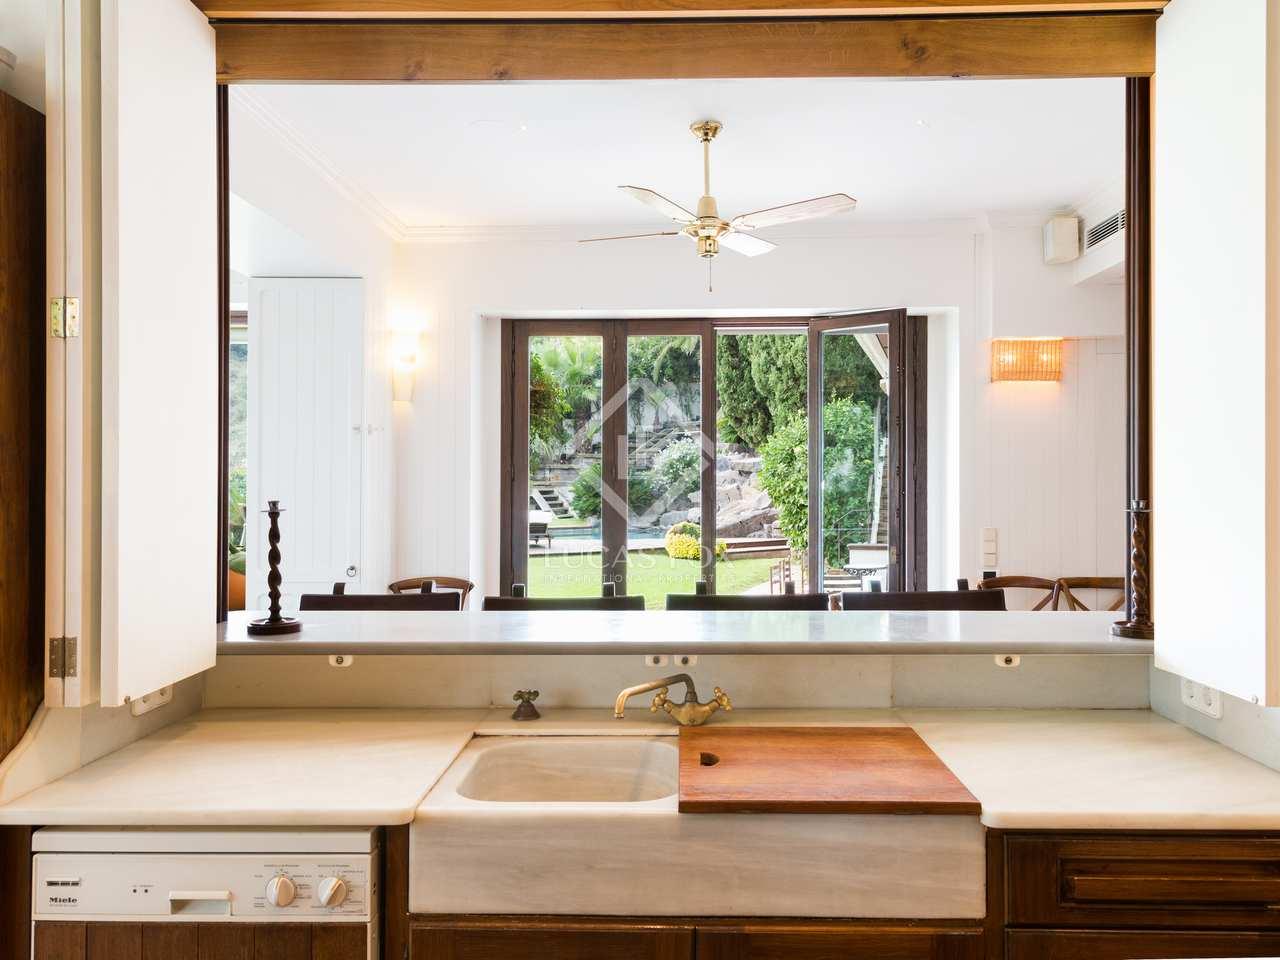 Casa de 450m en alquiler en pedralbes en la zona alta for Alquiler de dormitorios